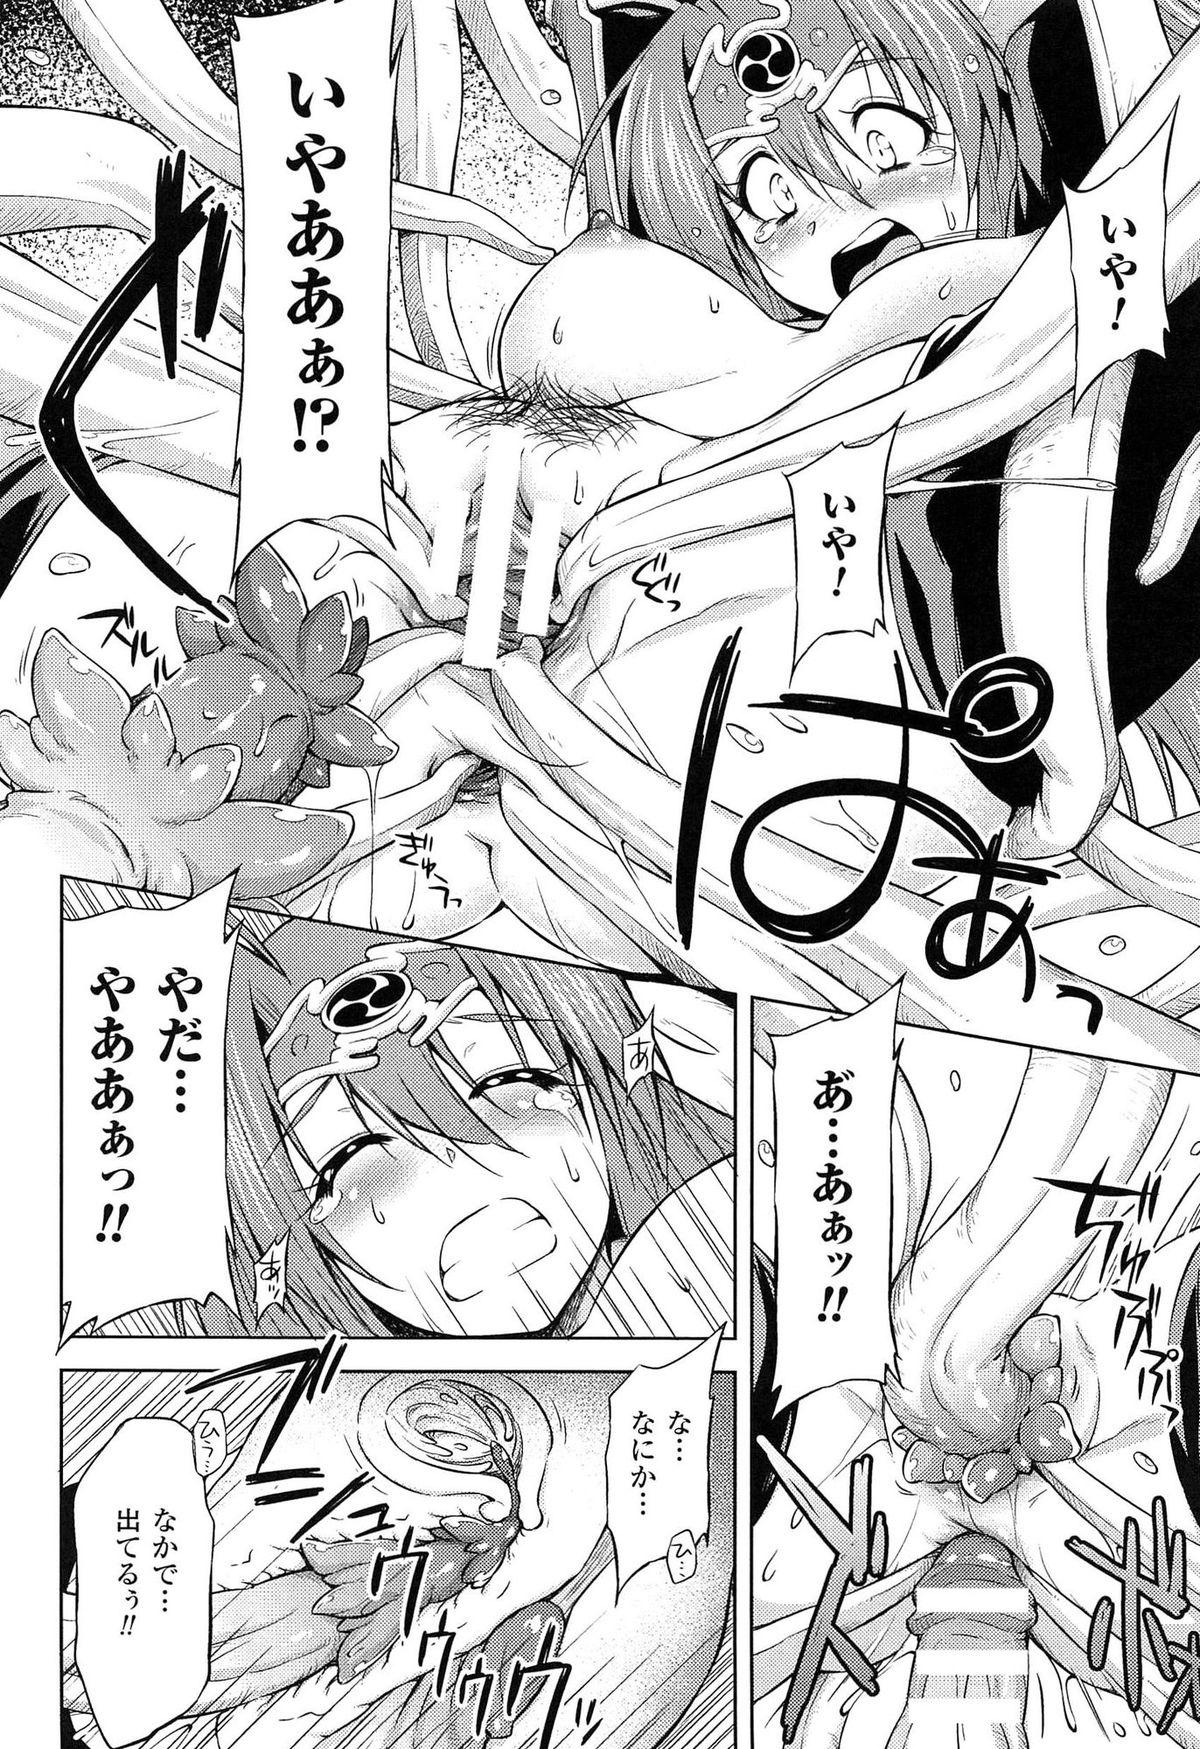 [kazuma muramasa, ZyX] Ikazuchi no Senshi Raidy ~Haja no Raikou~ THE COMIC 189